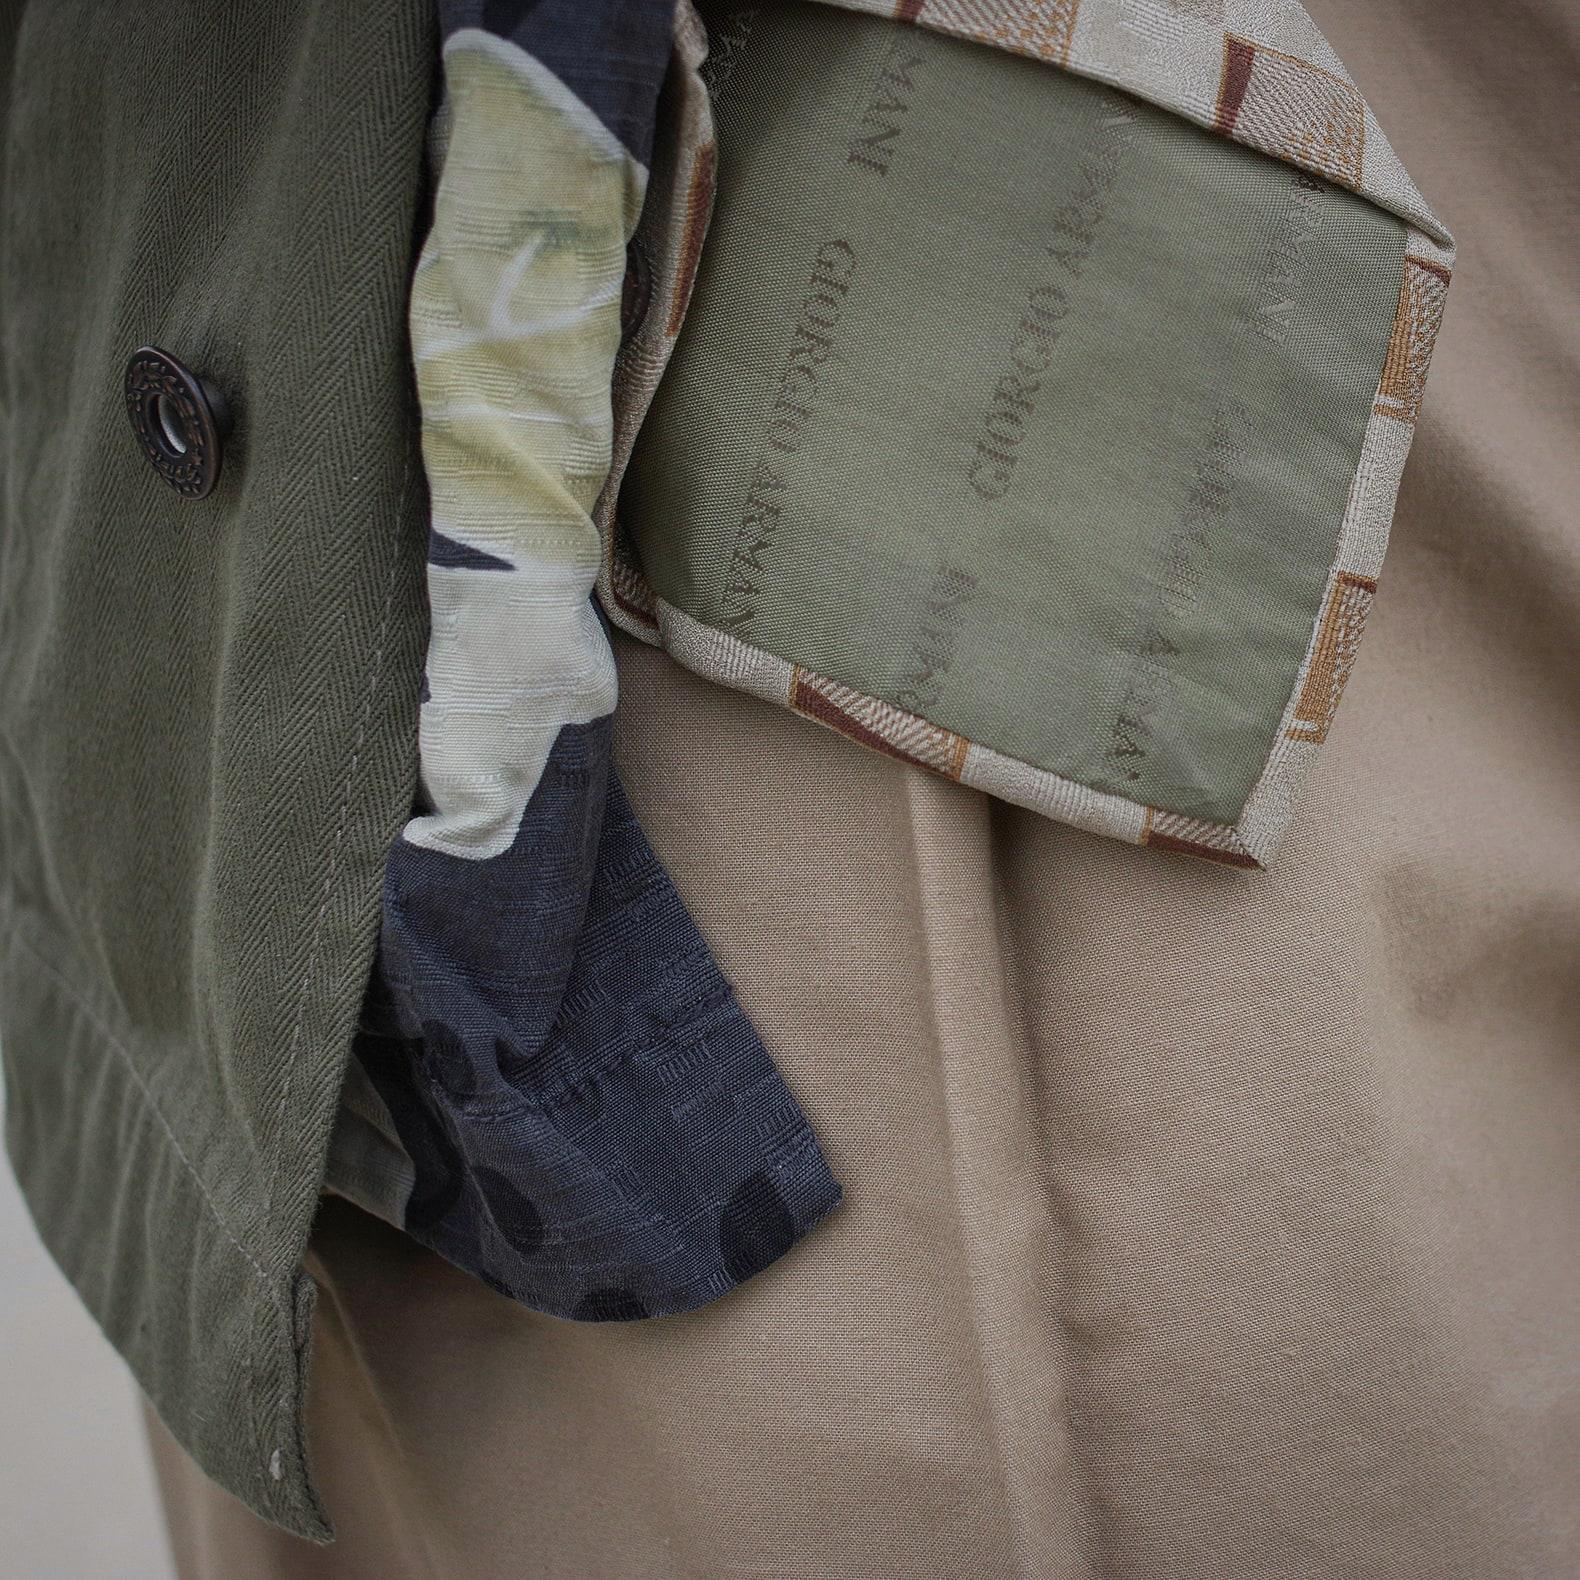 cravate en soie pour faire une ceinture